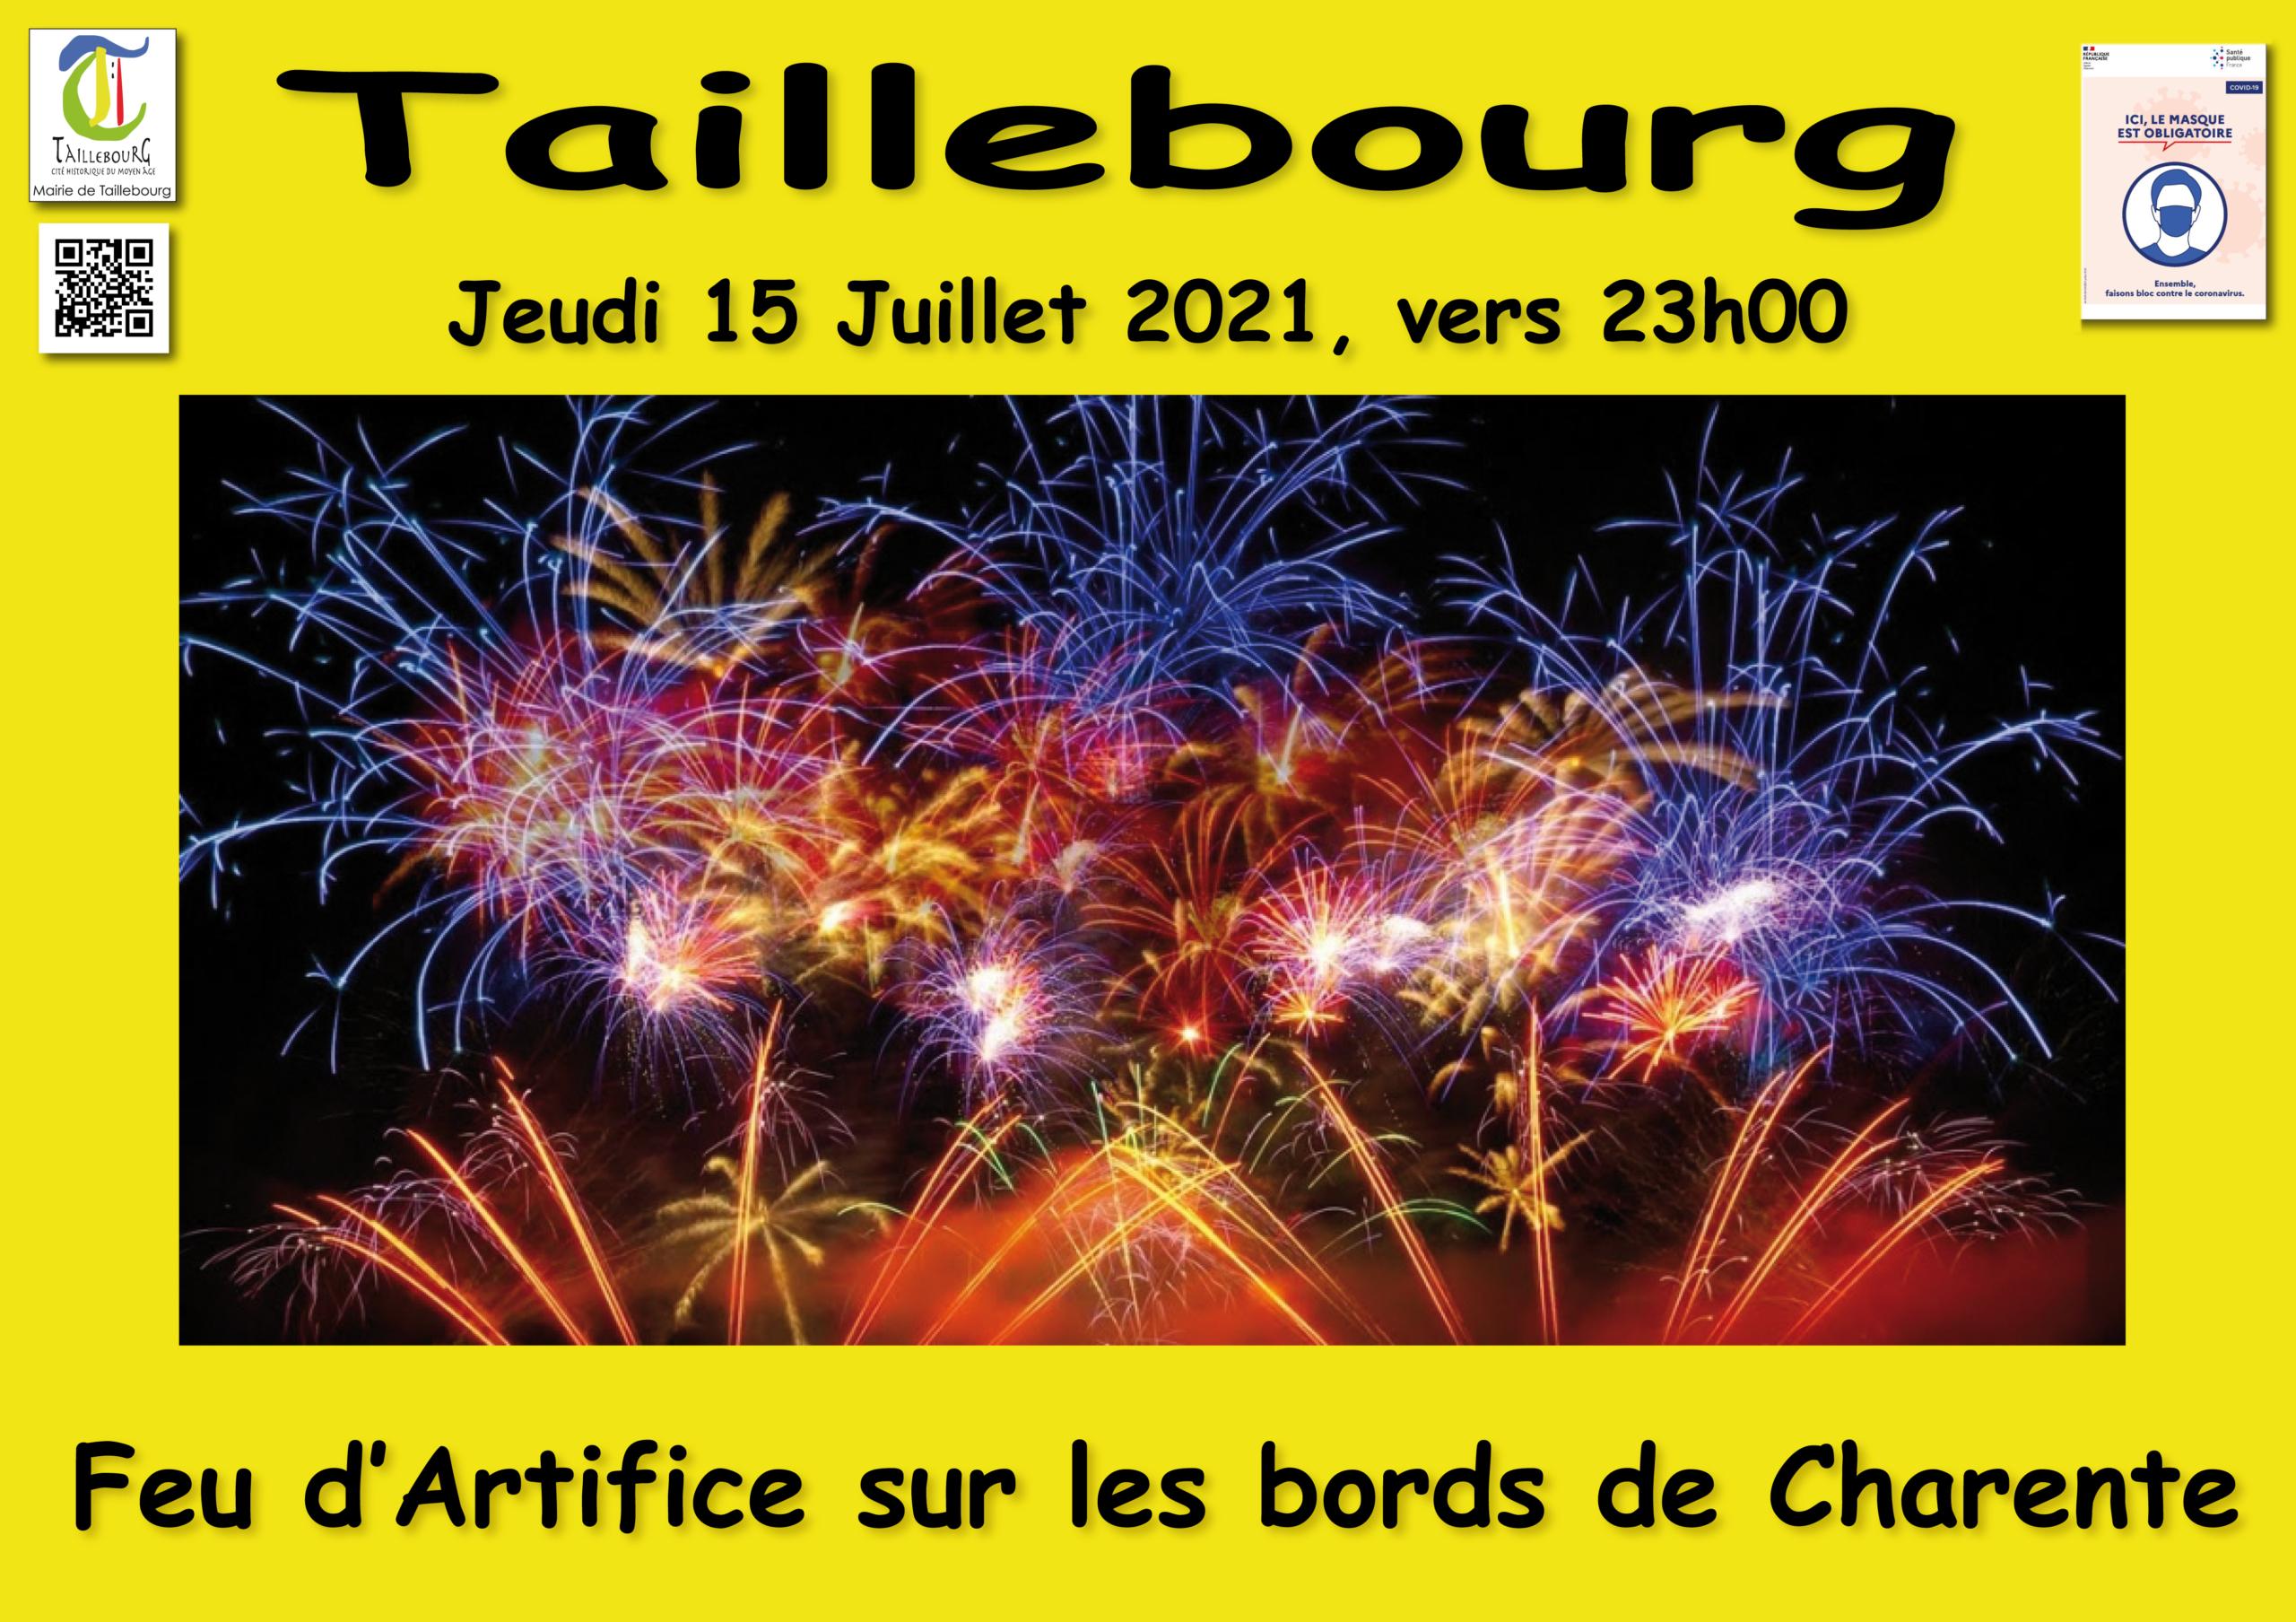 Feu d'artifice jeudi 15 juillet 2021 vers 23h00 sur les bords de la Charente